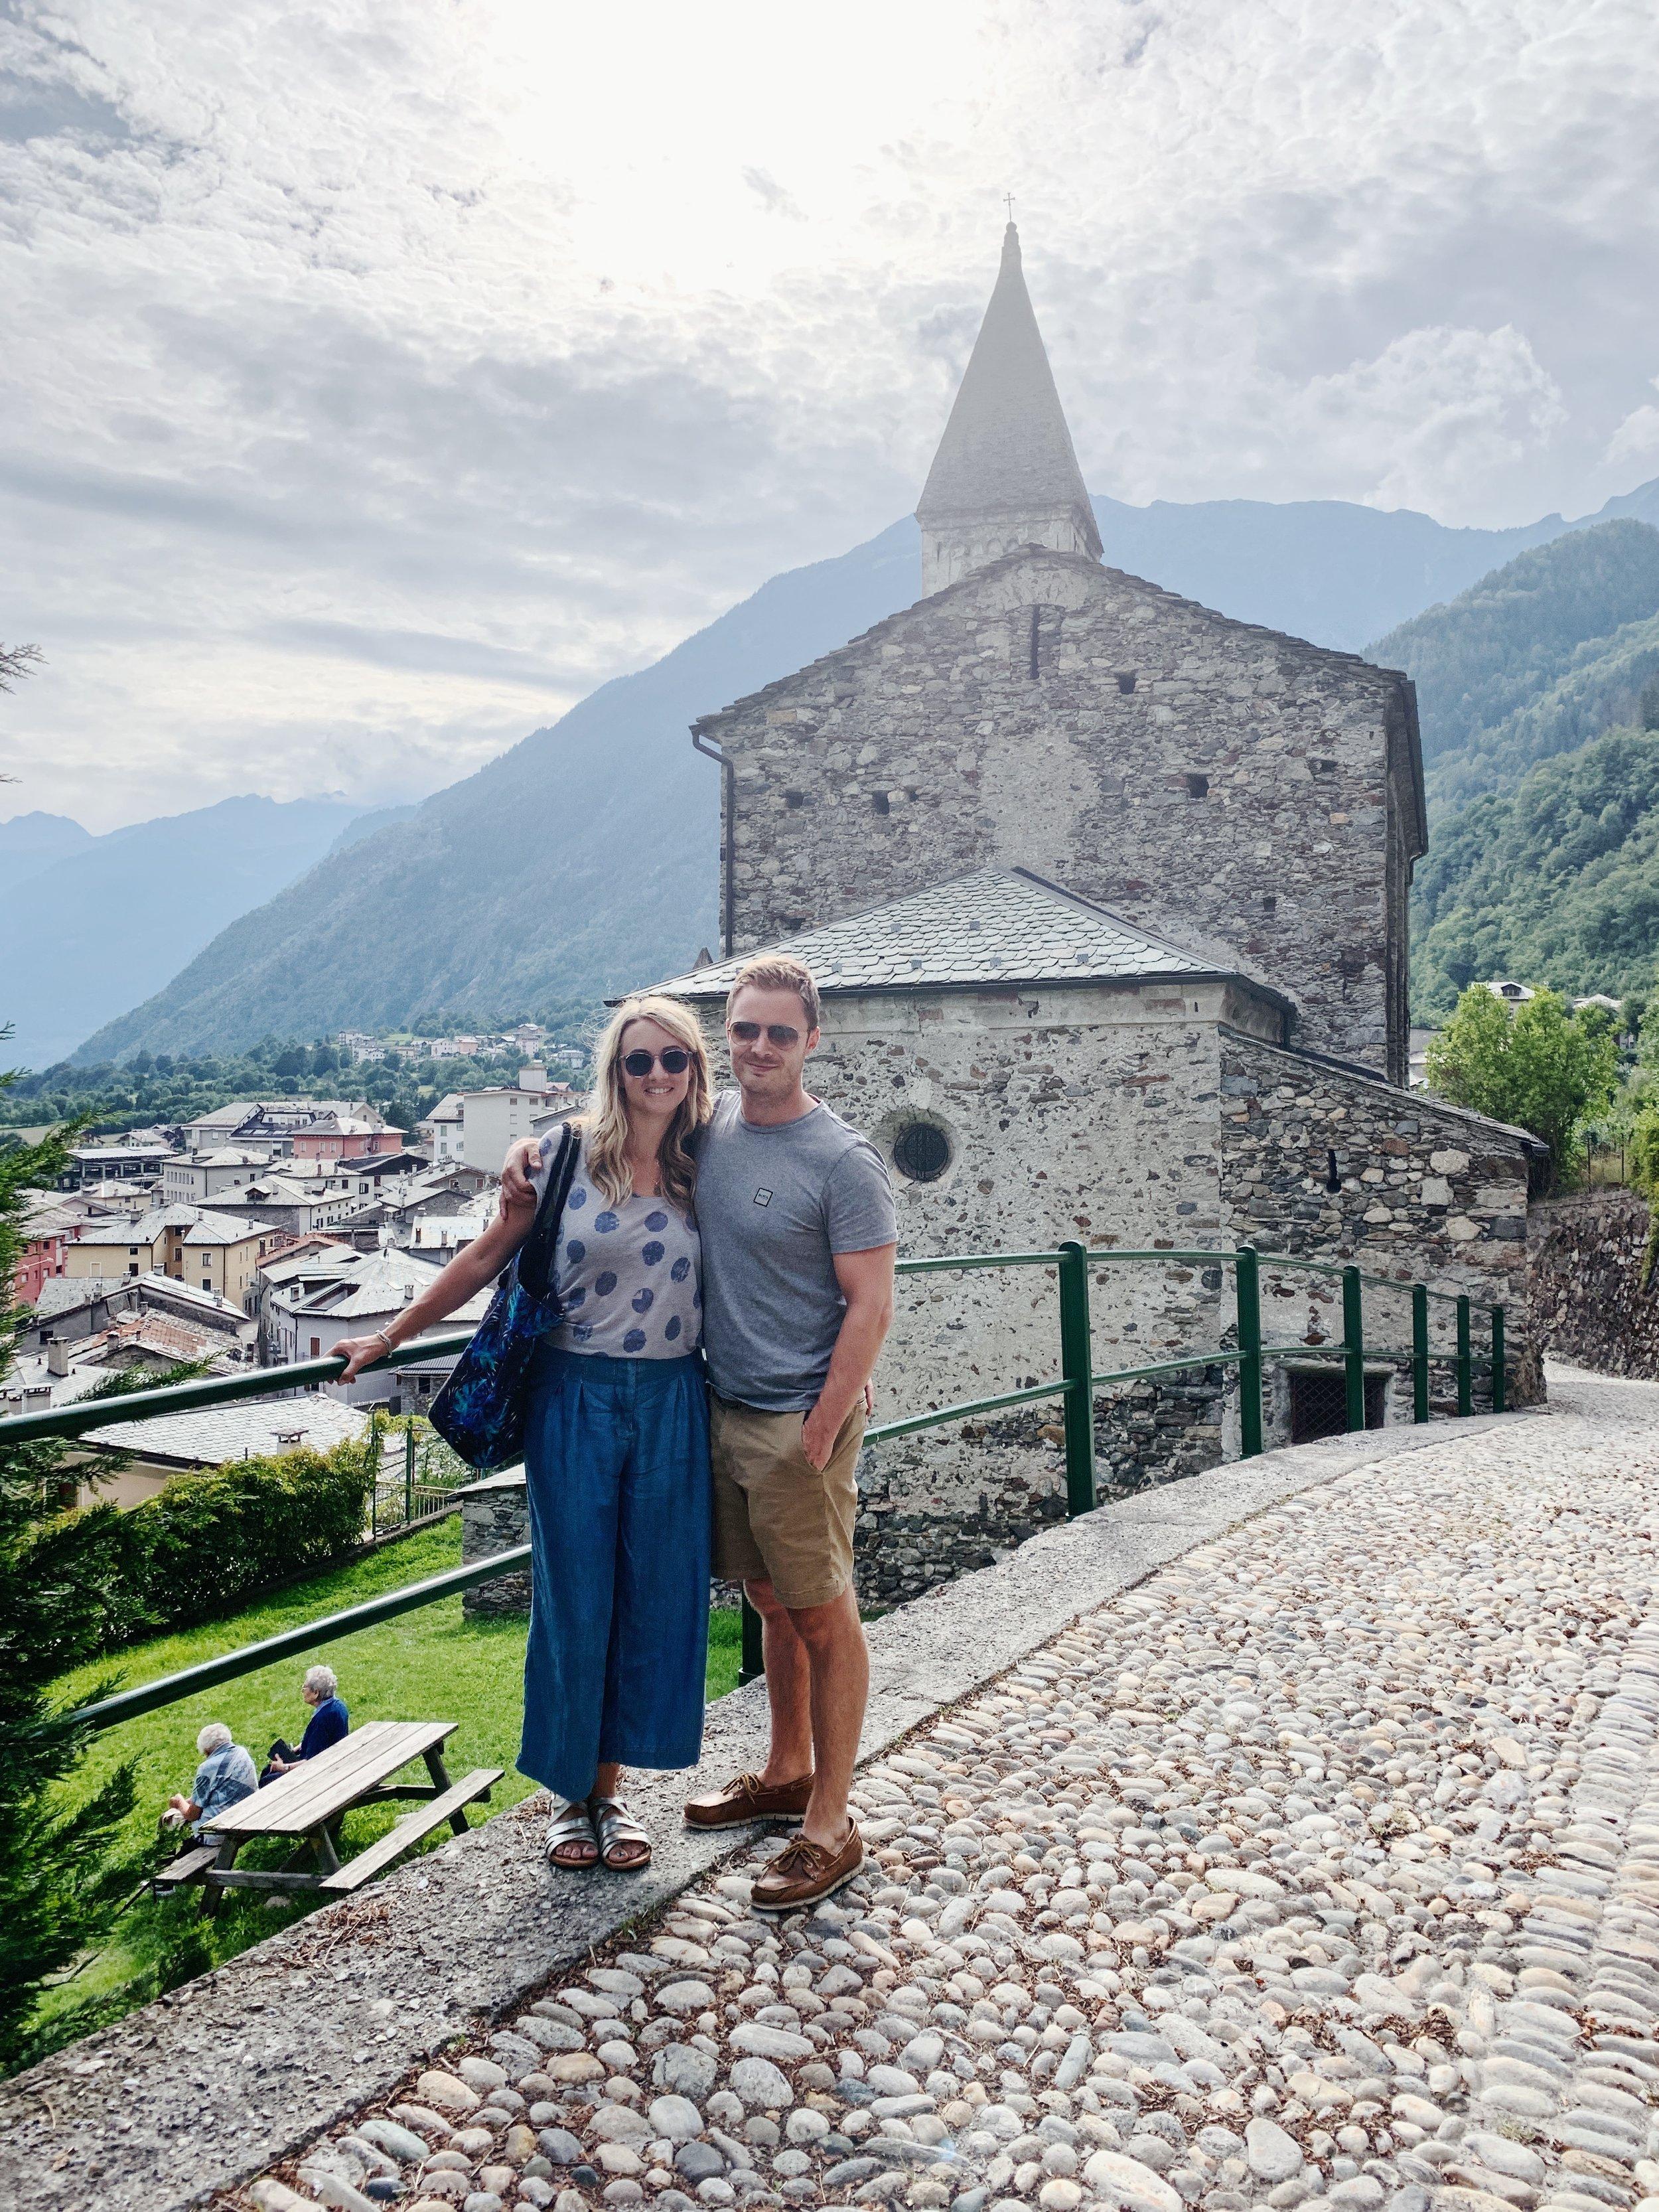 At Sondalo, Italy